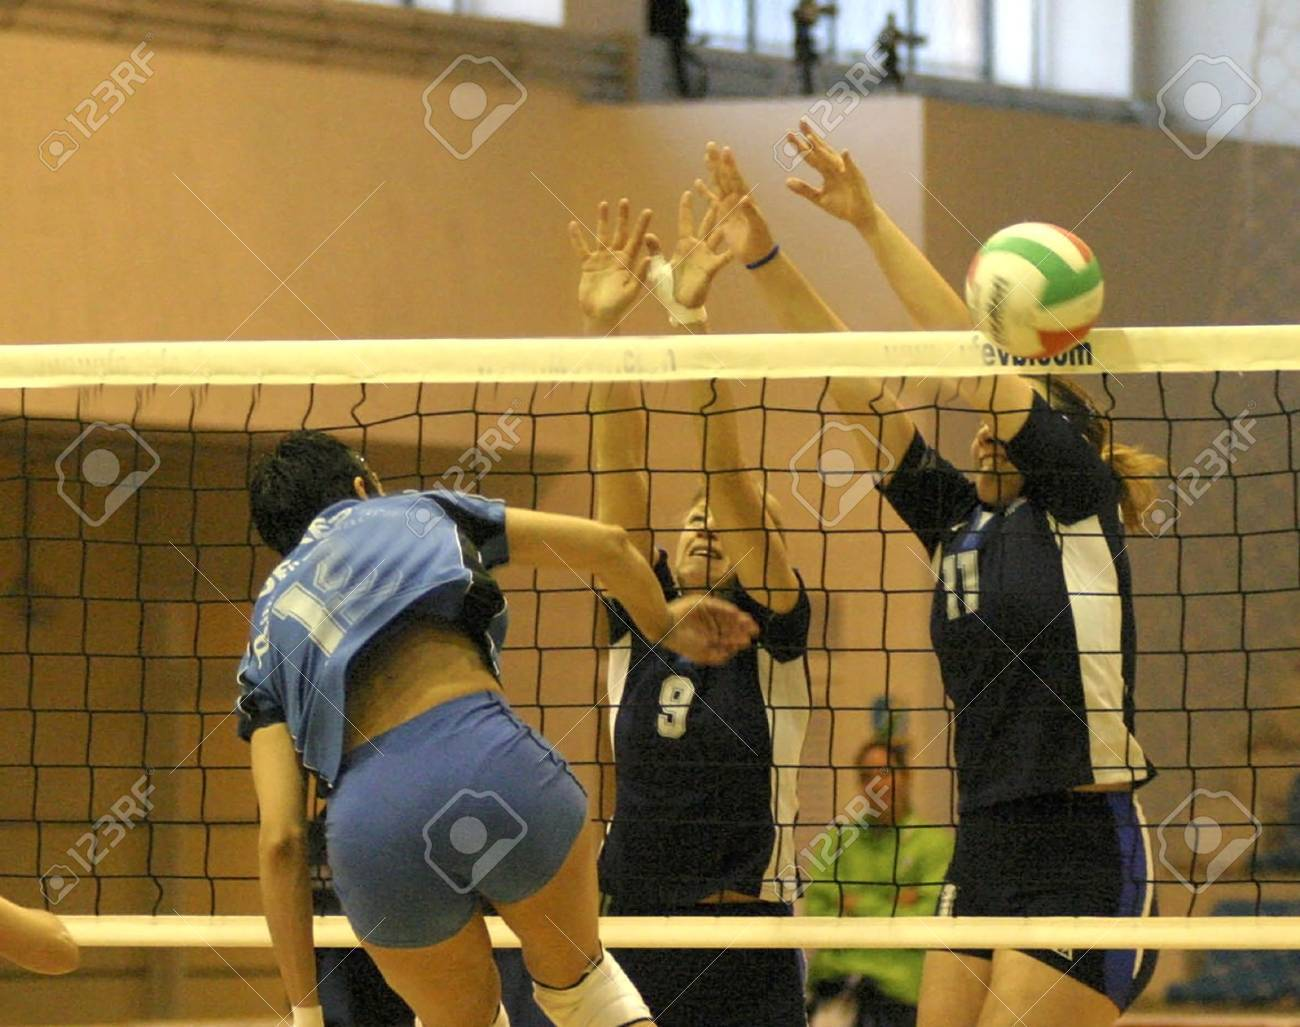 2005/02/22 - Granada - España - partido de Voleibol femenino entre Granada y Lugo Foto de archivo - 8894336